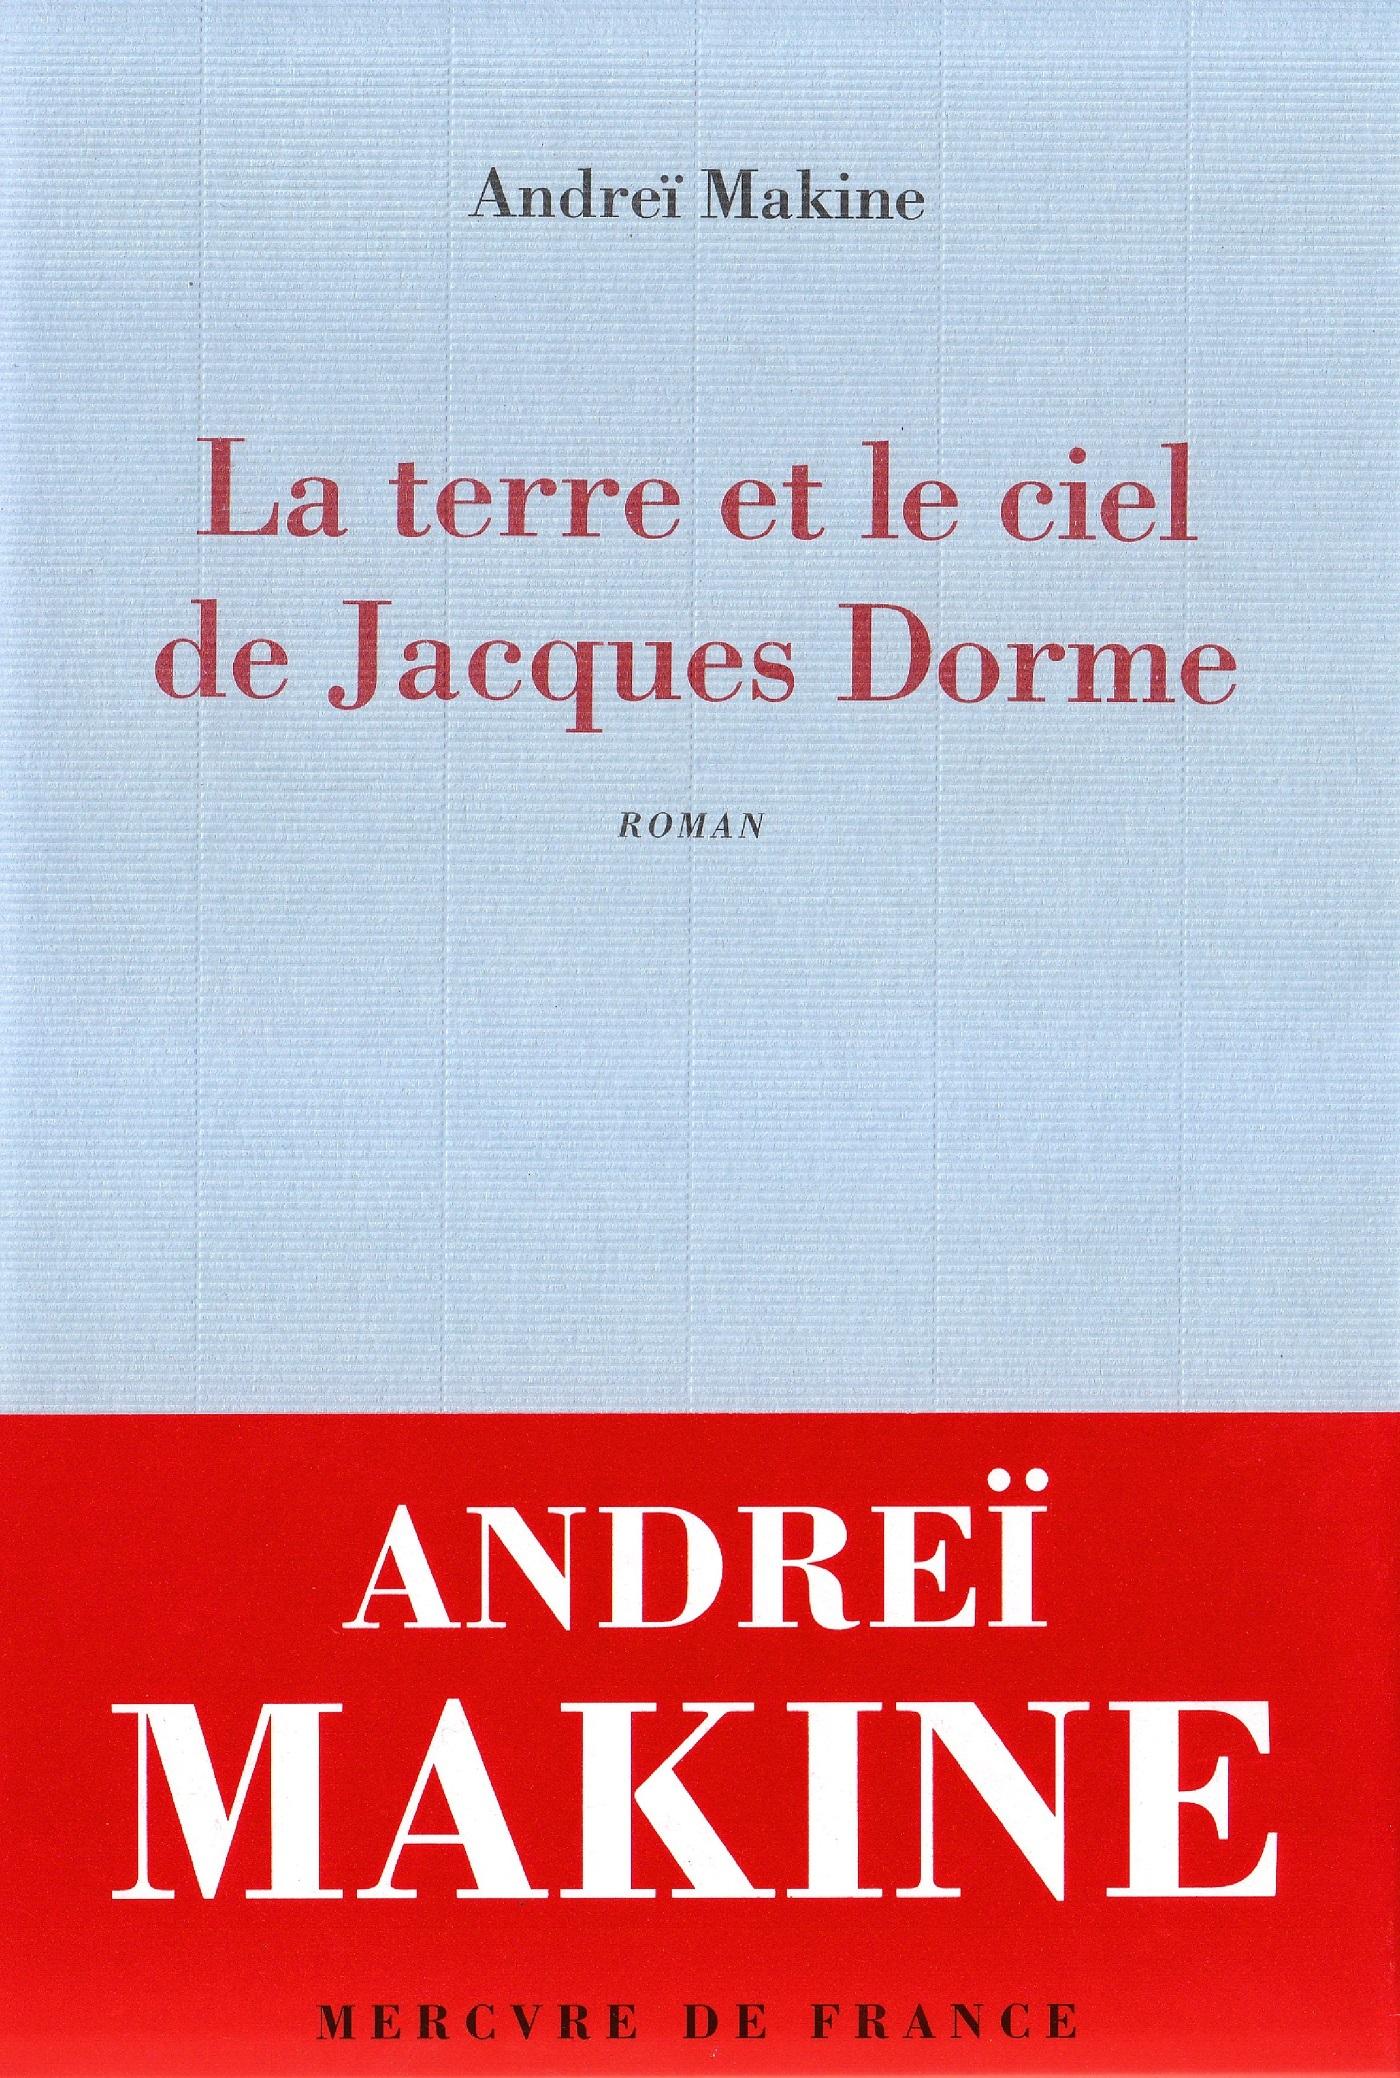 La terre et le ciel de Jacques Dorme. Chronique d'un amour